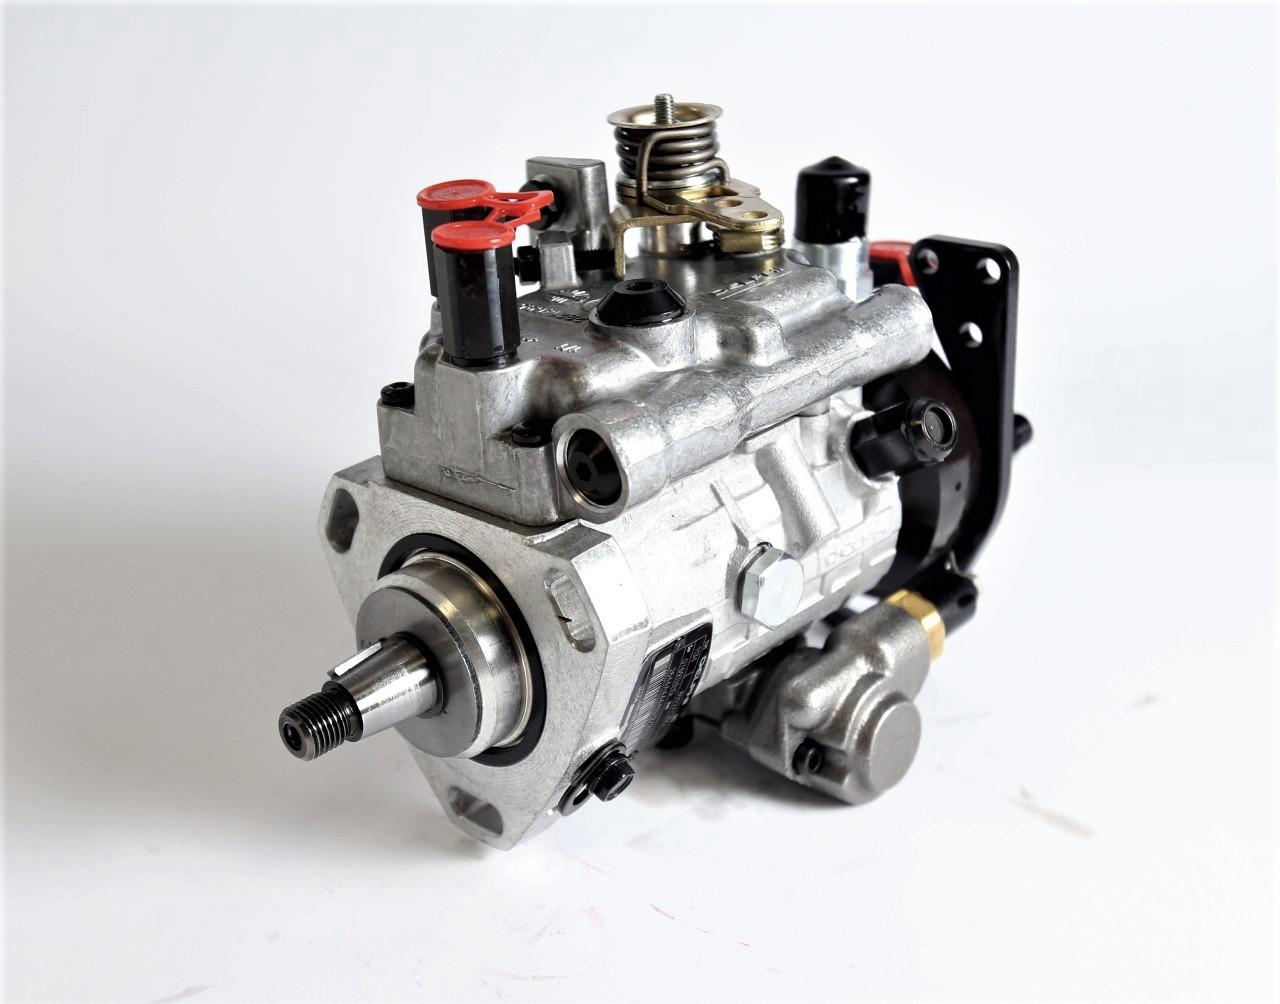 Топливная аппаратура дизельного двигателя